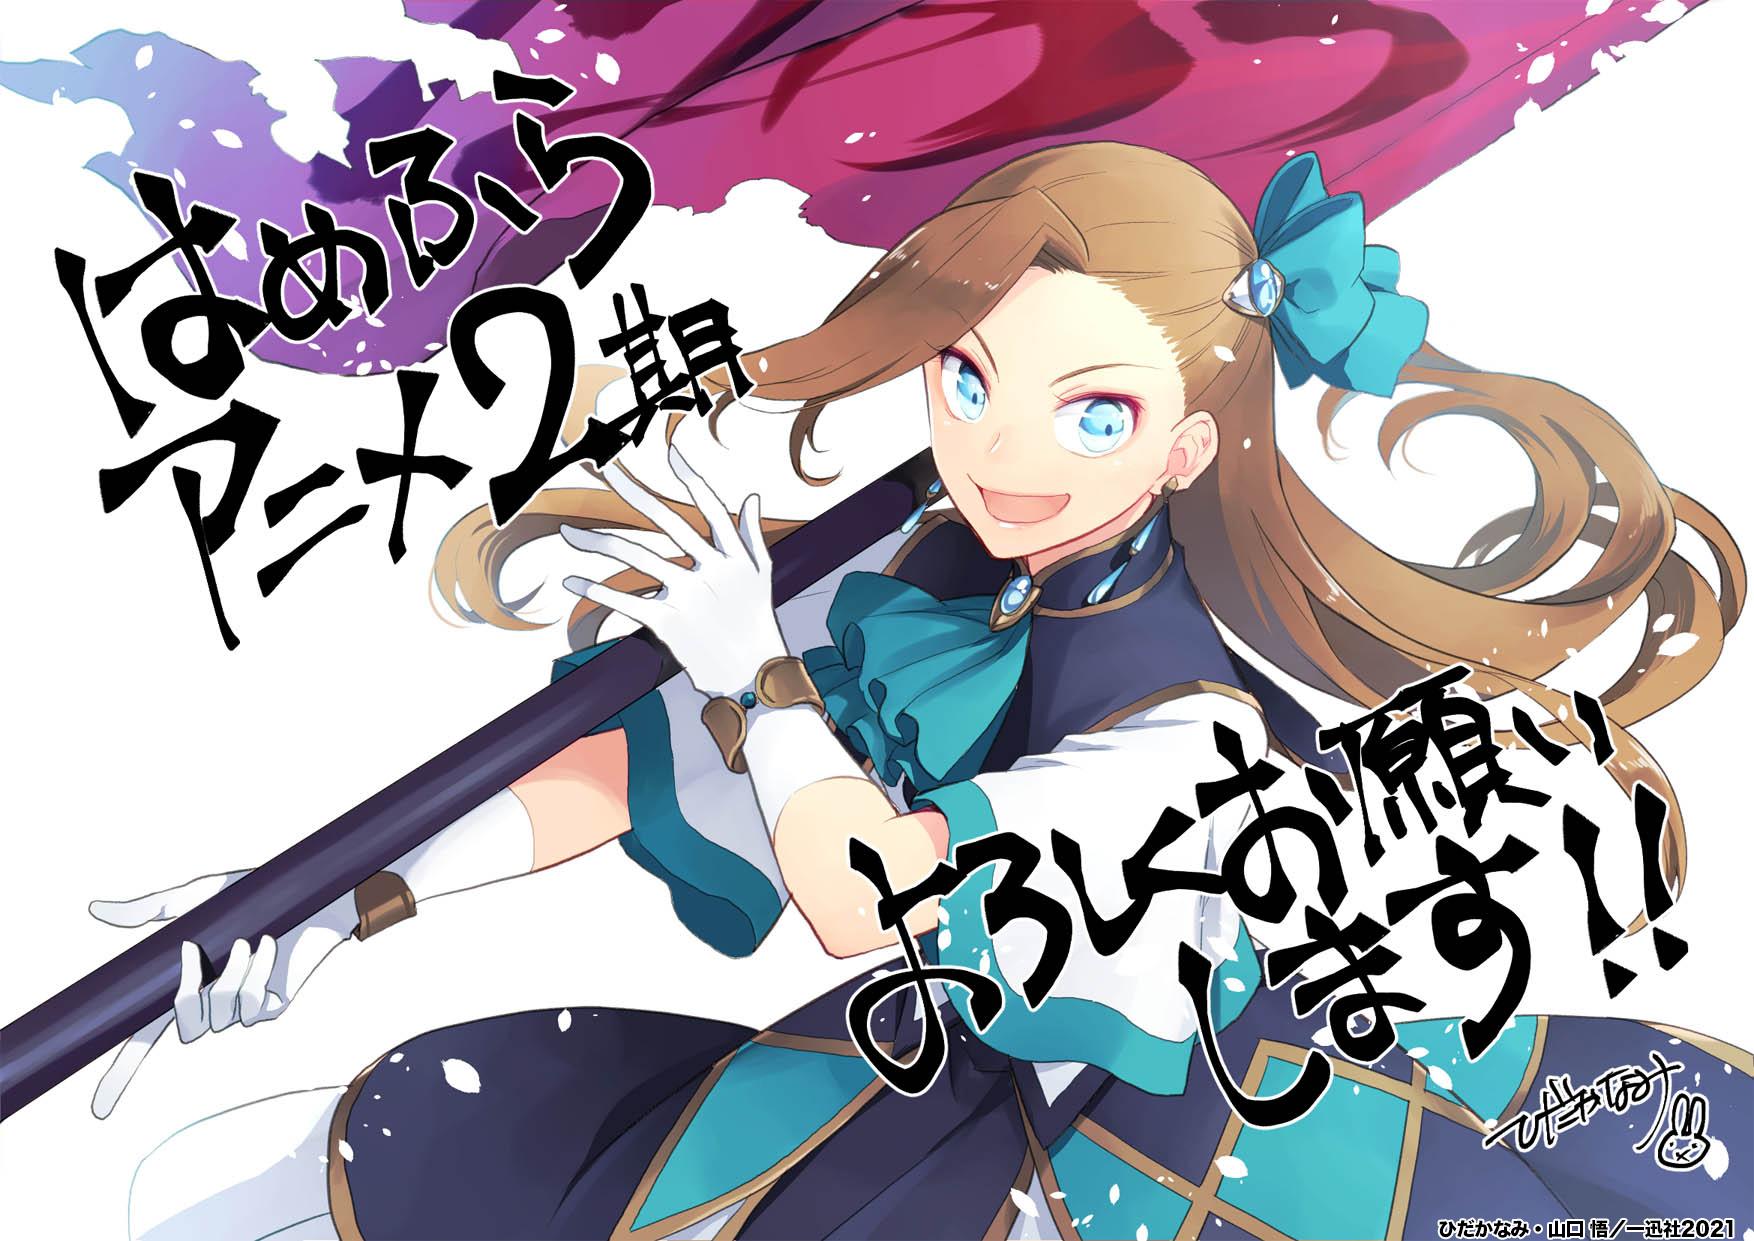 TVアニメ「乙女ゲームの破滅フラグしかない悪役令嬢に転 生してしまった...X」キャラデザ・ひだか先生イラスト